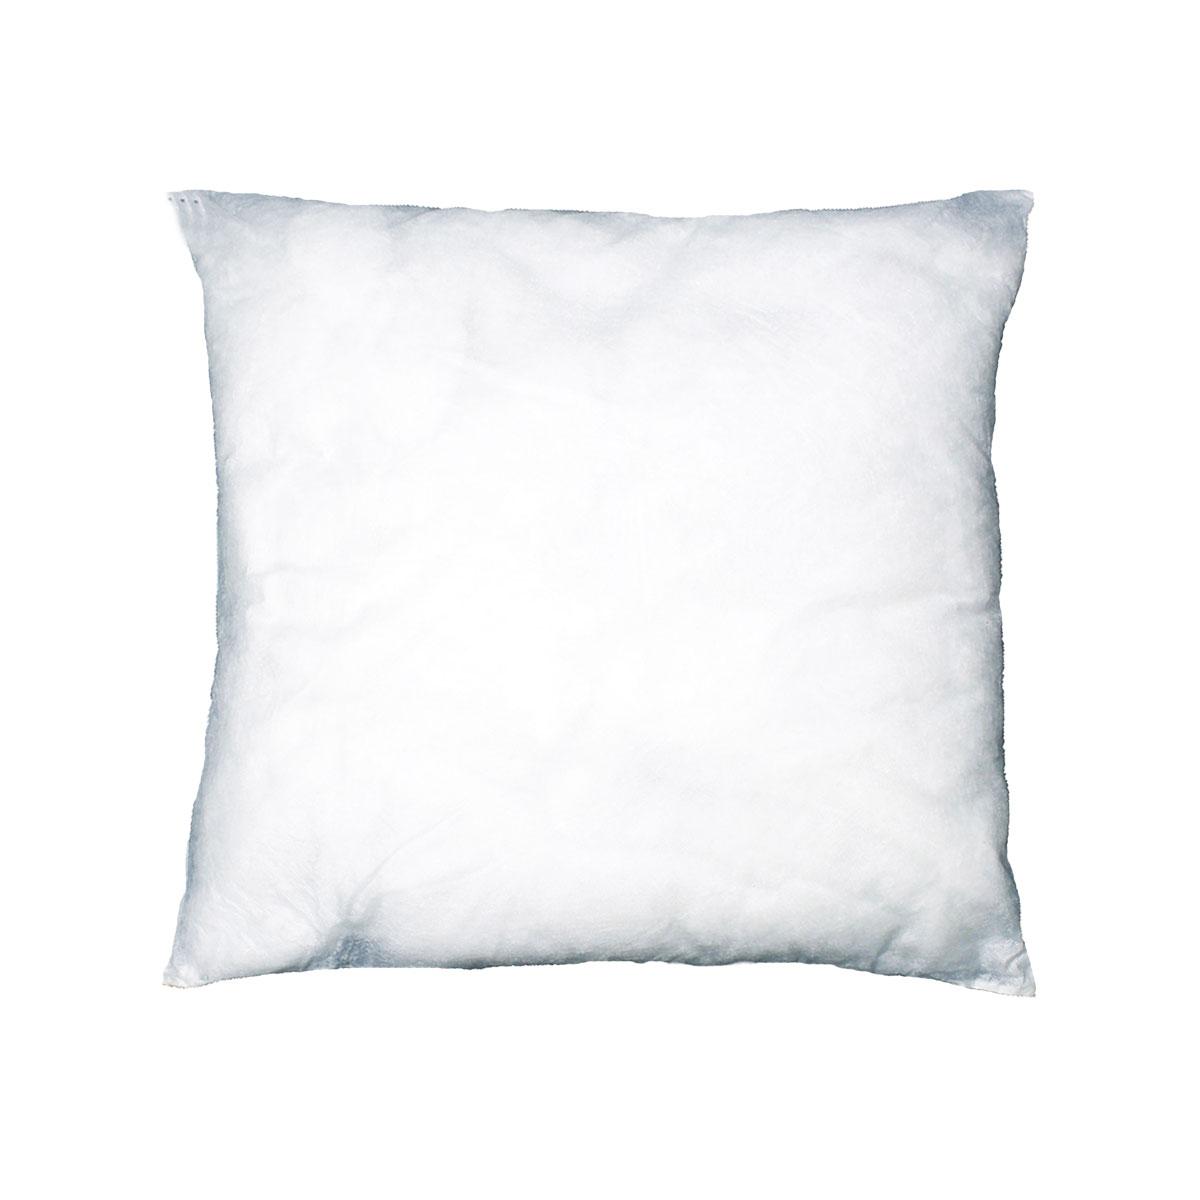 Coussin de garnissage en coloris blanc (Blanc)